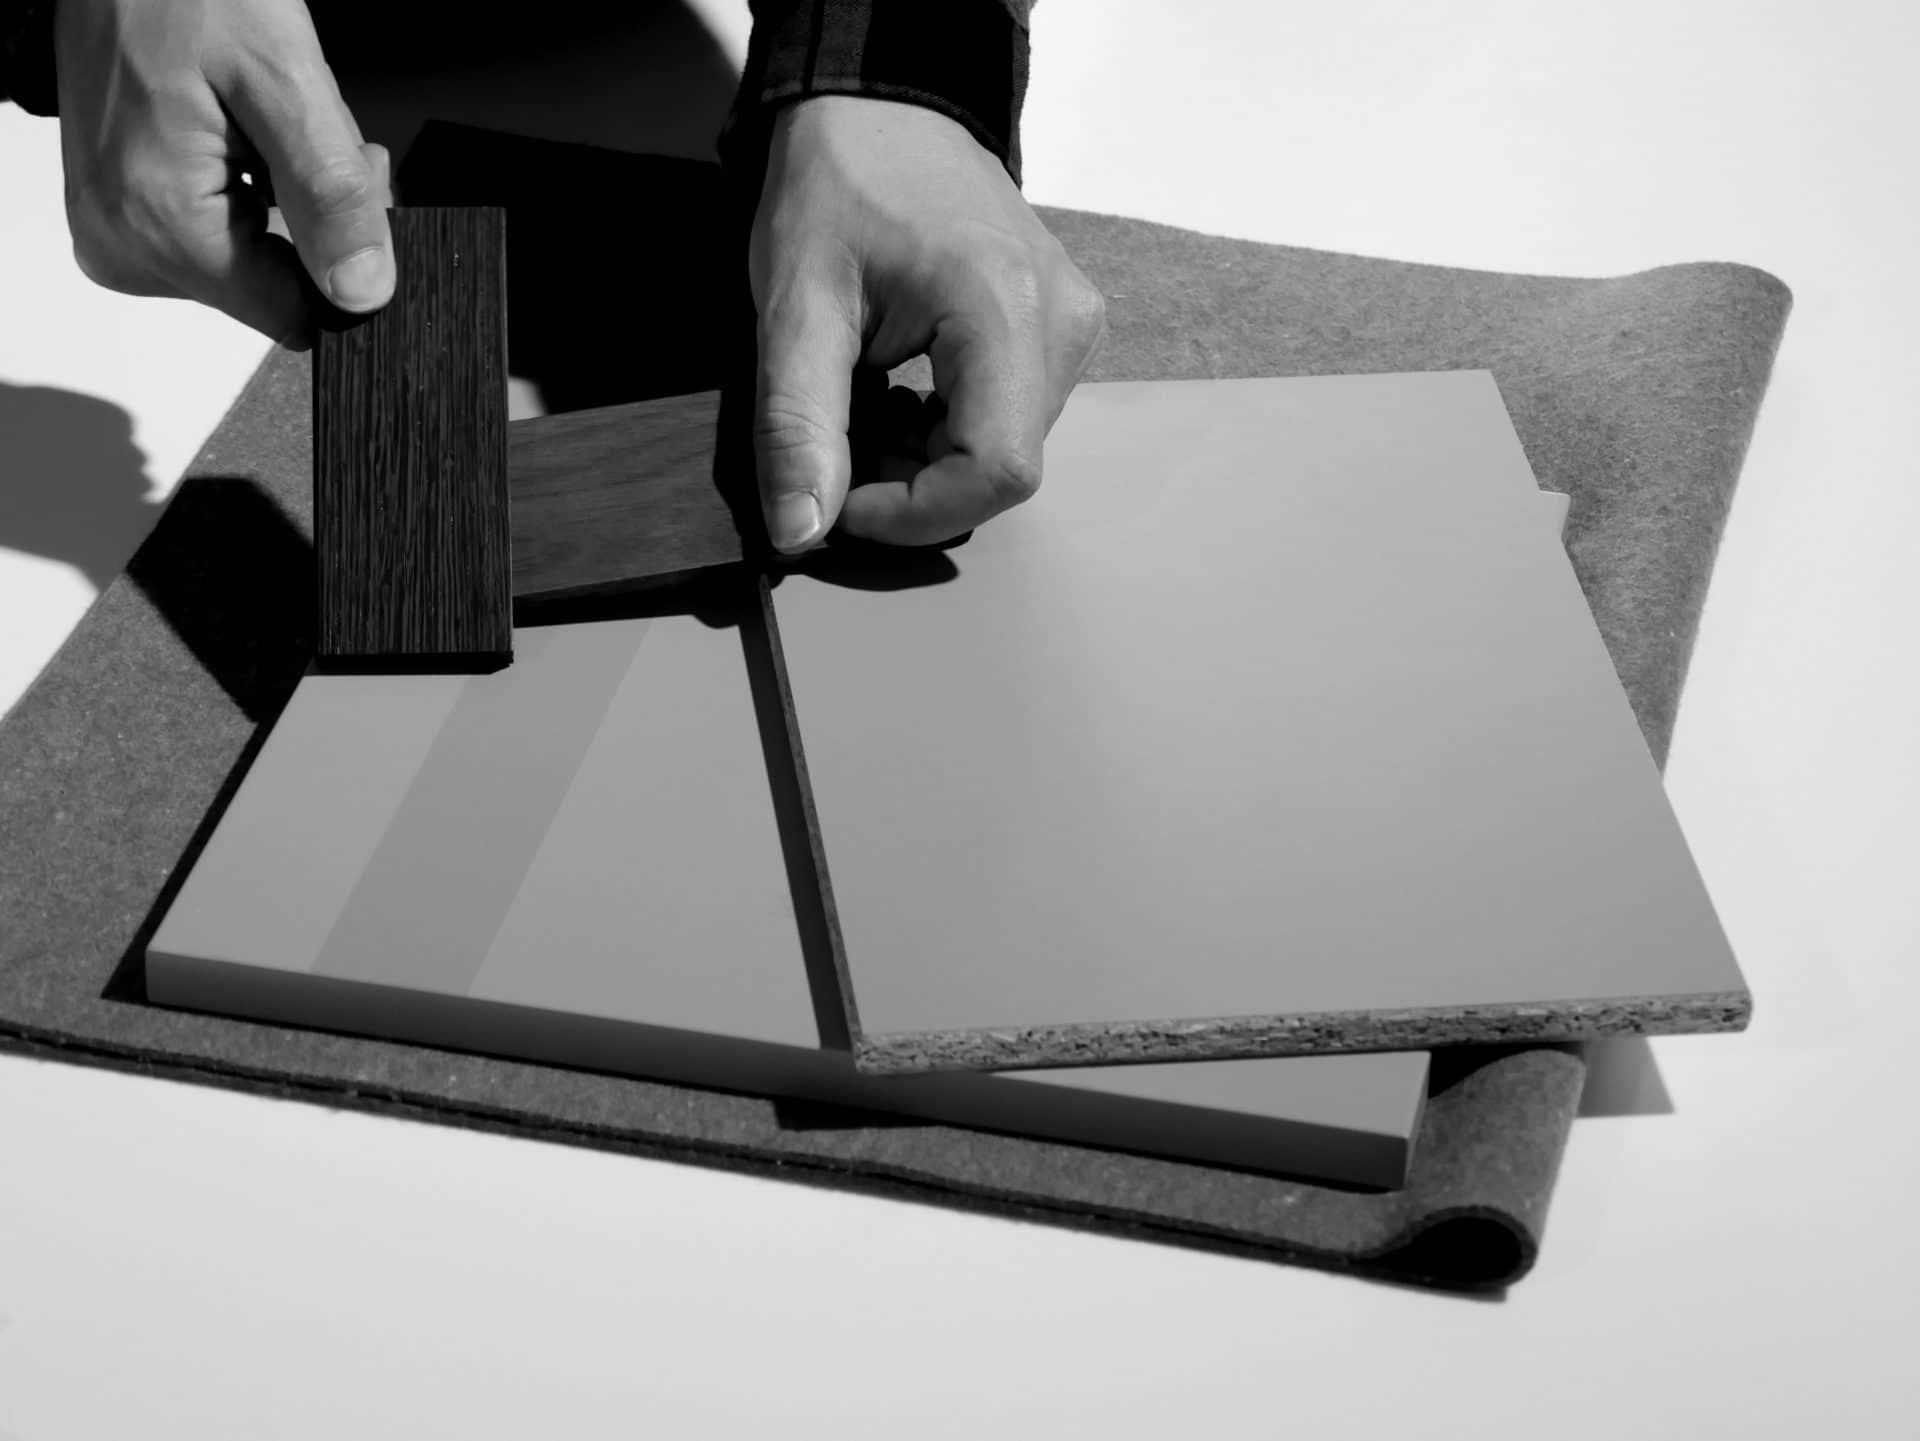 Innenarchitektur und Planung - Innenarchitekt präsentiert verschiedene Muster Materialien für eine neue Innneneinrichtung